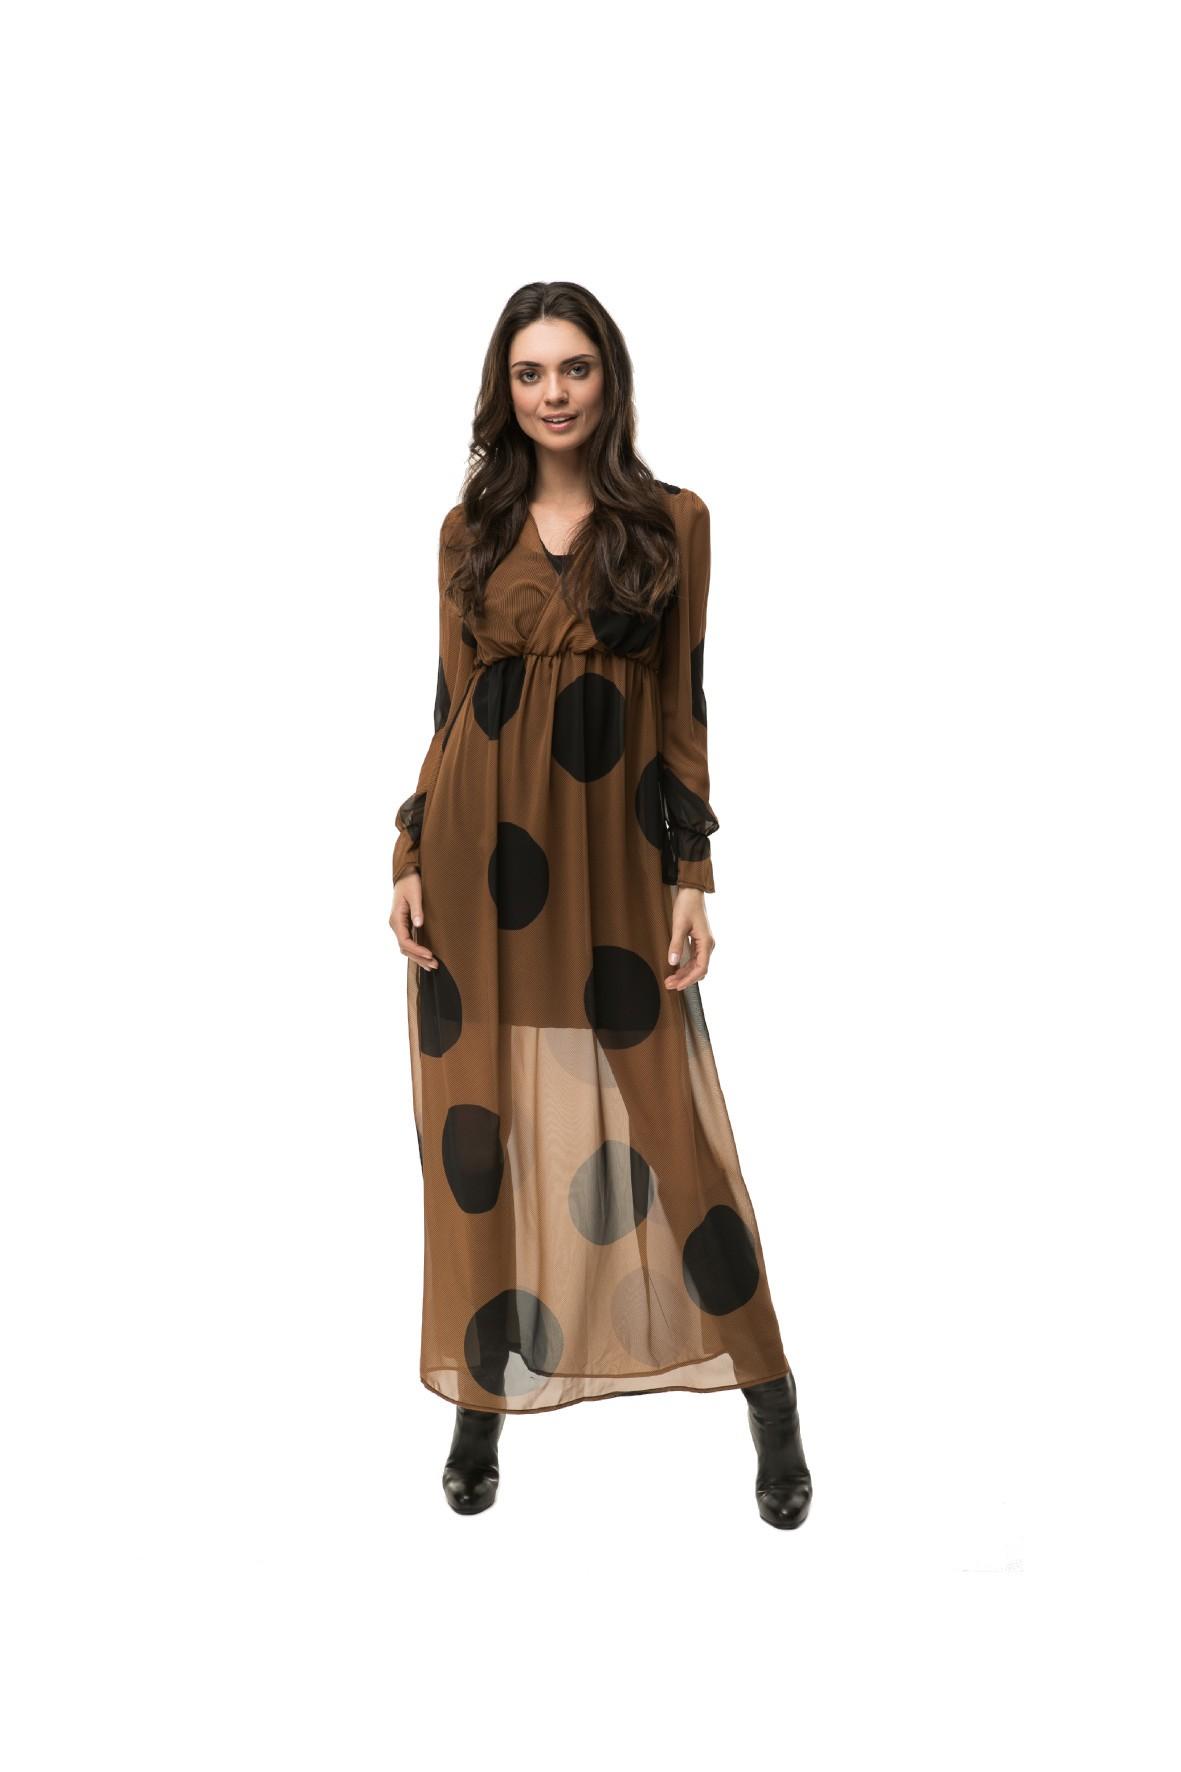 Sukienka ciążowa i do karmienia Maxi boho dots- brązowa z czarne grochy